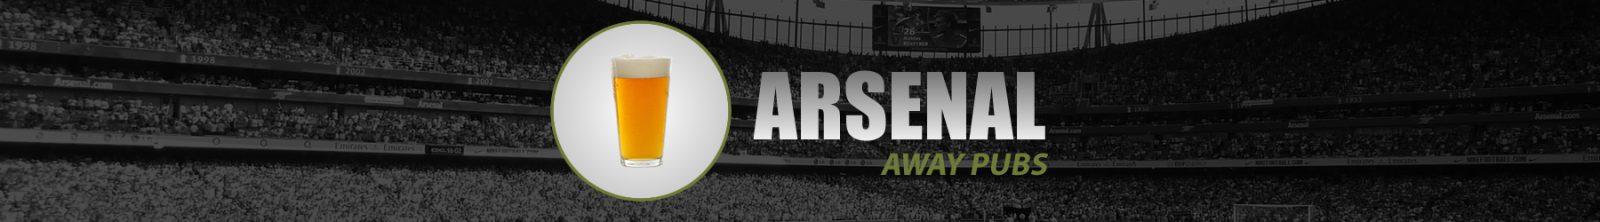 Arsenal Away Pubs